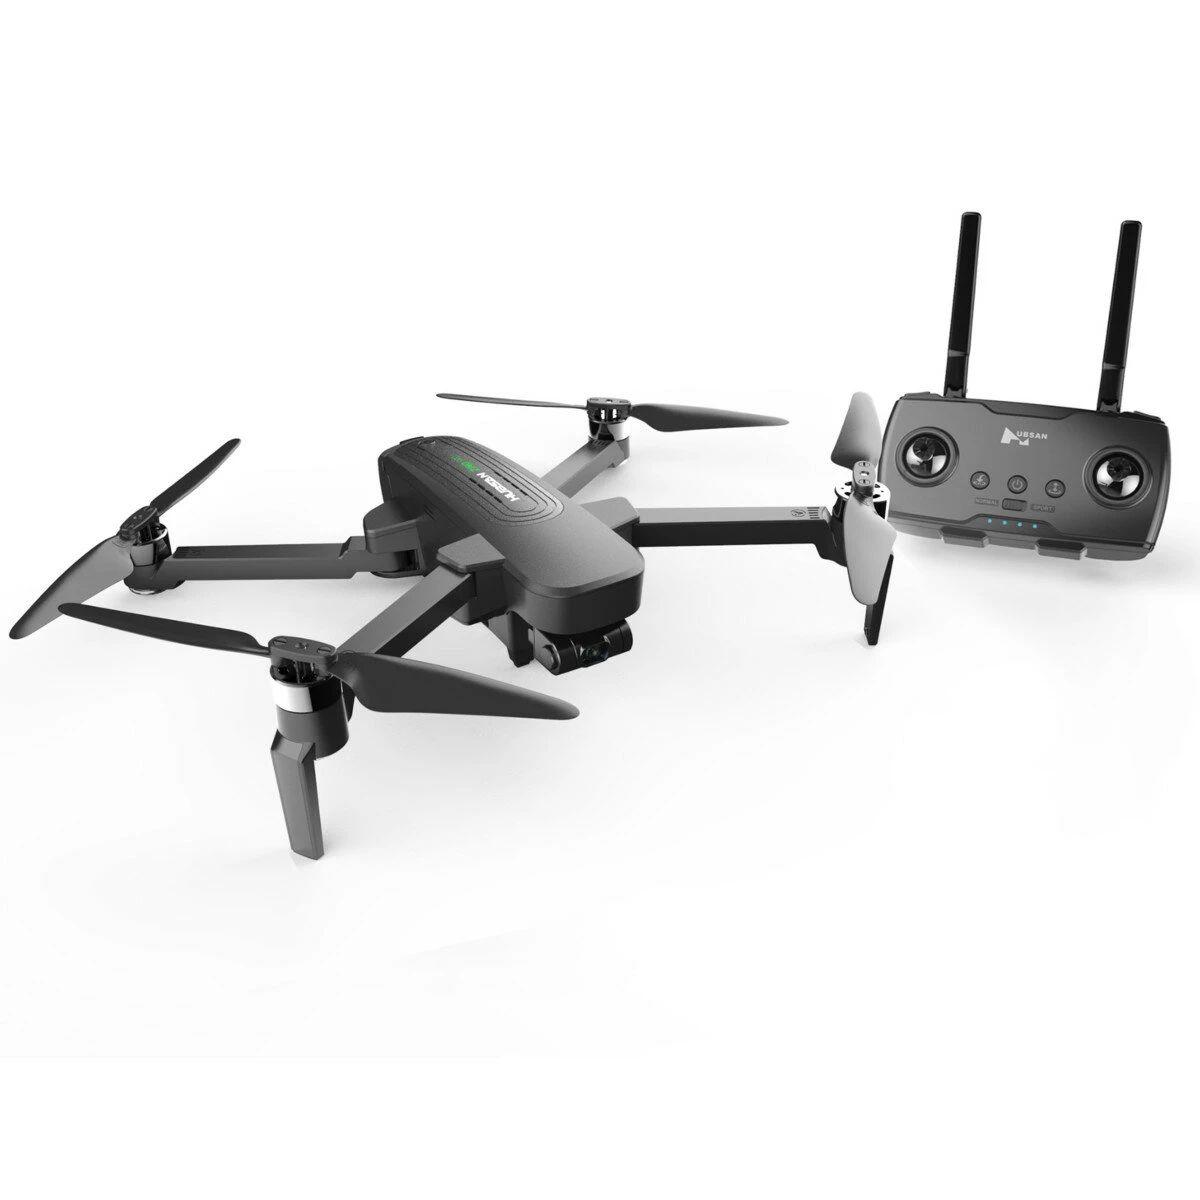 Dron Hubsan Zino Pro Plus + Bolsa de transporte + 2 baterías(Desde Europa)